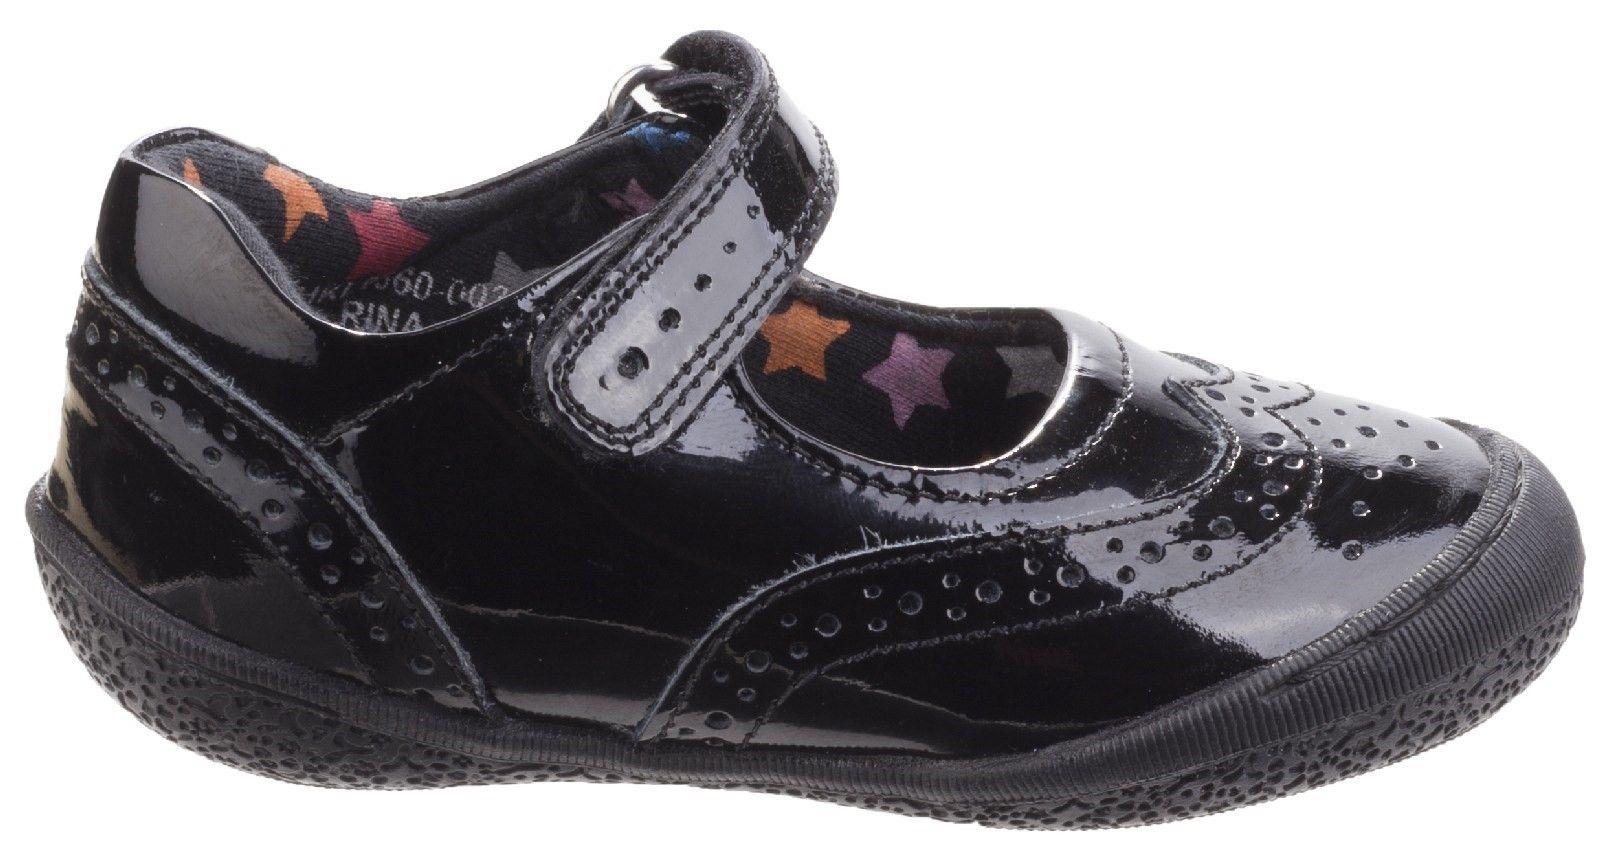 Rina Infant School Shoe